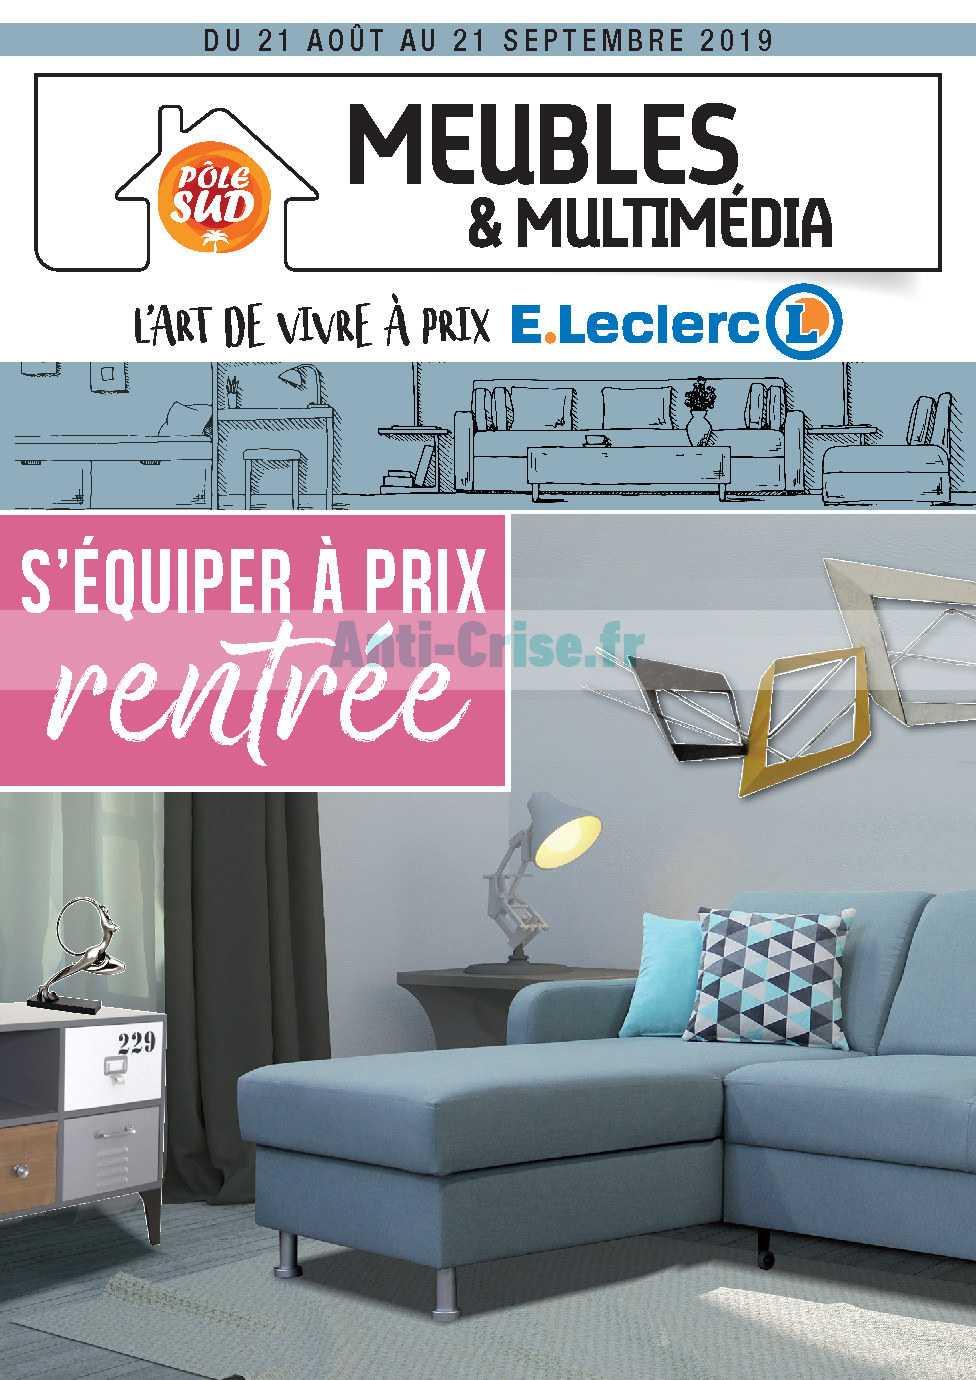 Leclerc Local Le Nouveau Catalogue Du 21 Aout Au 21 Septembre 2019 Est Disponible Voici Les Dernieres Promos A Ne Pas Manquer